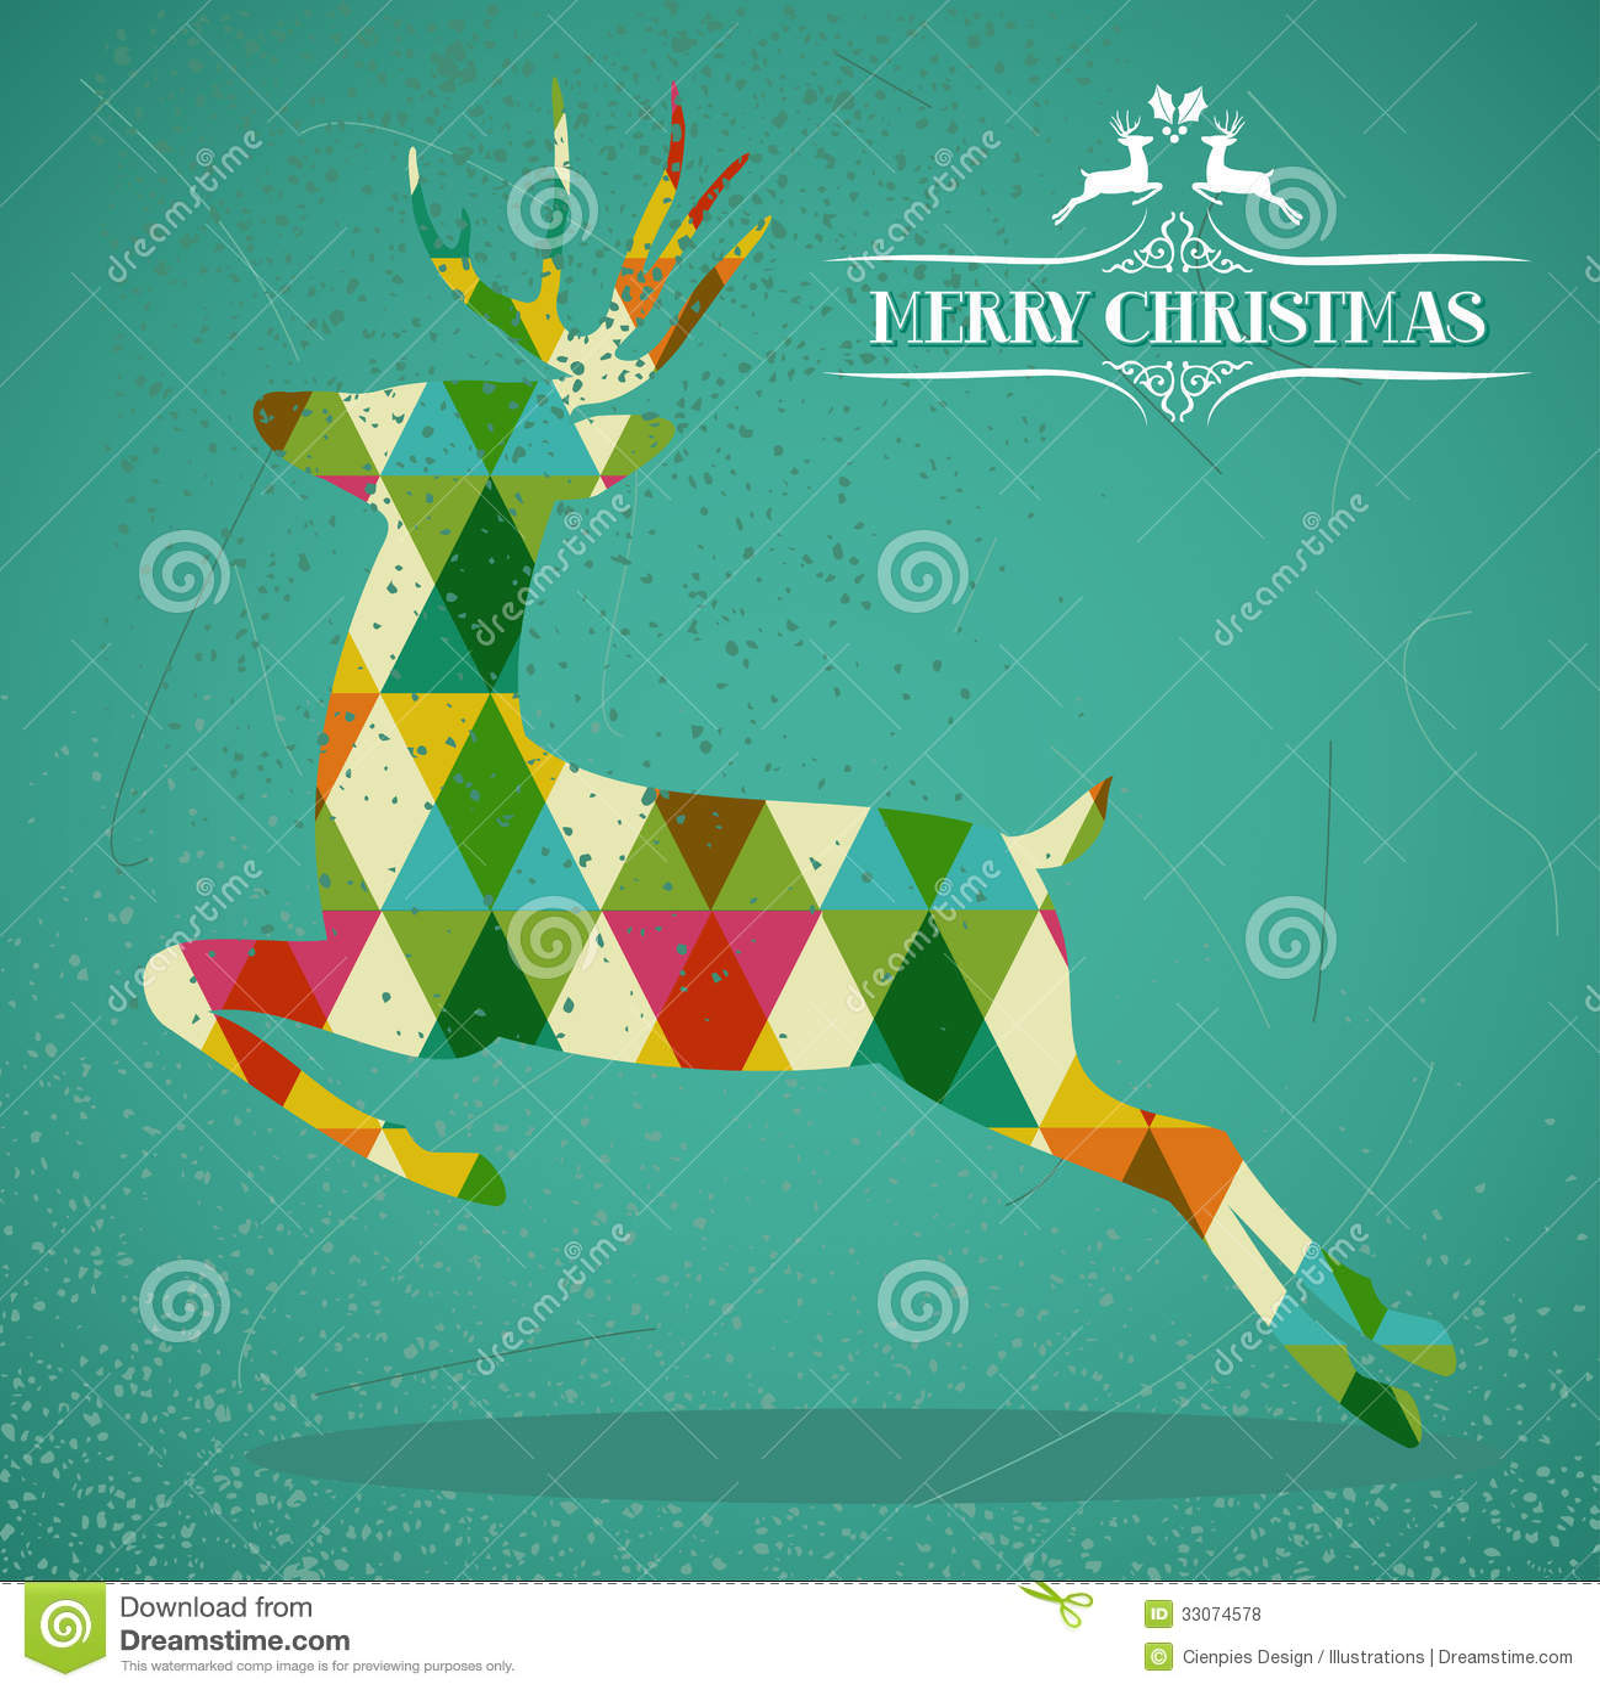 С Рождеством Христовым красочная форма северного оленя.